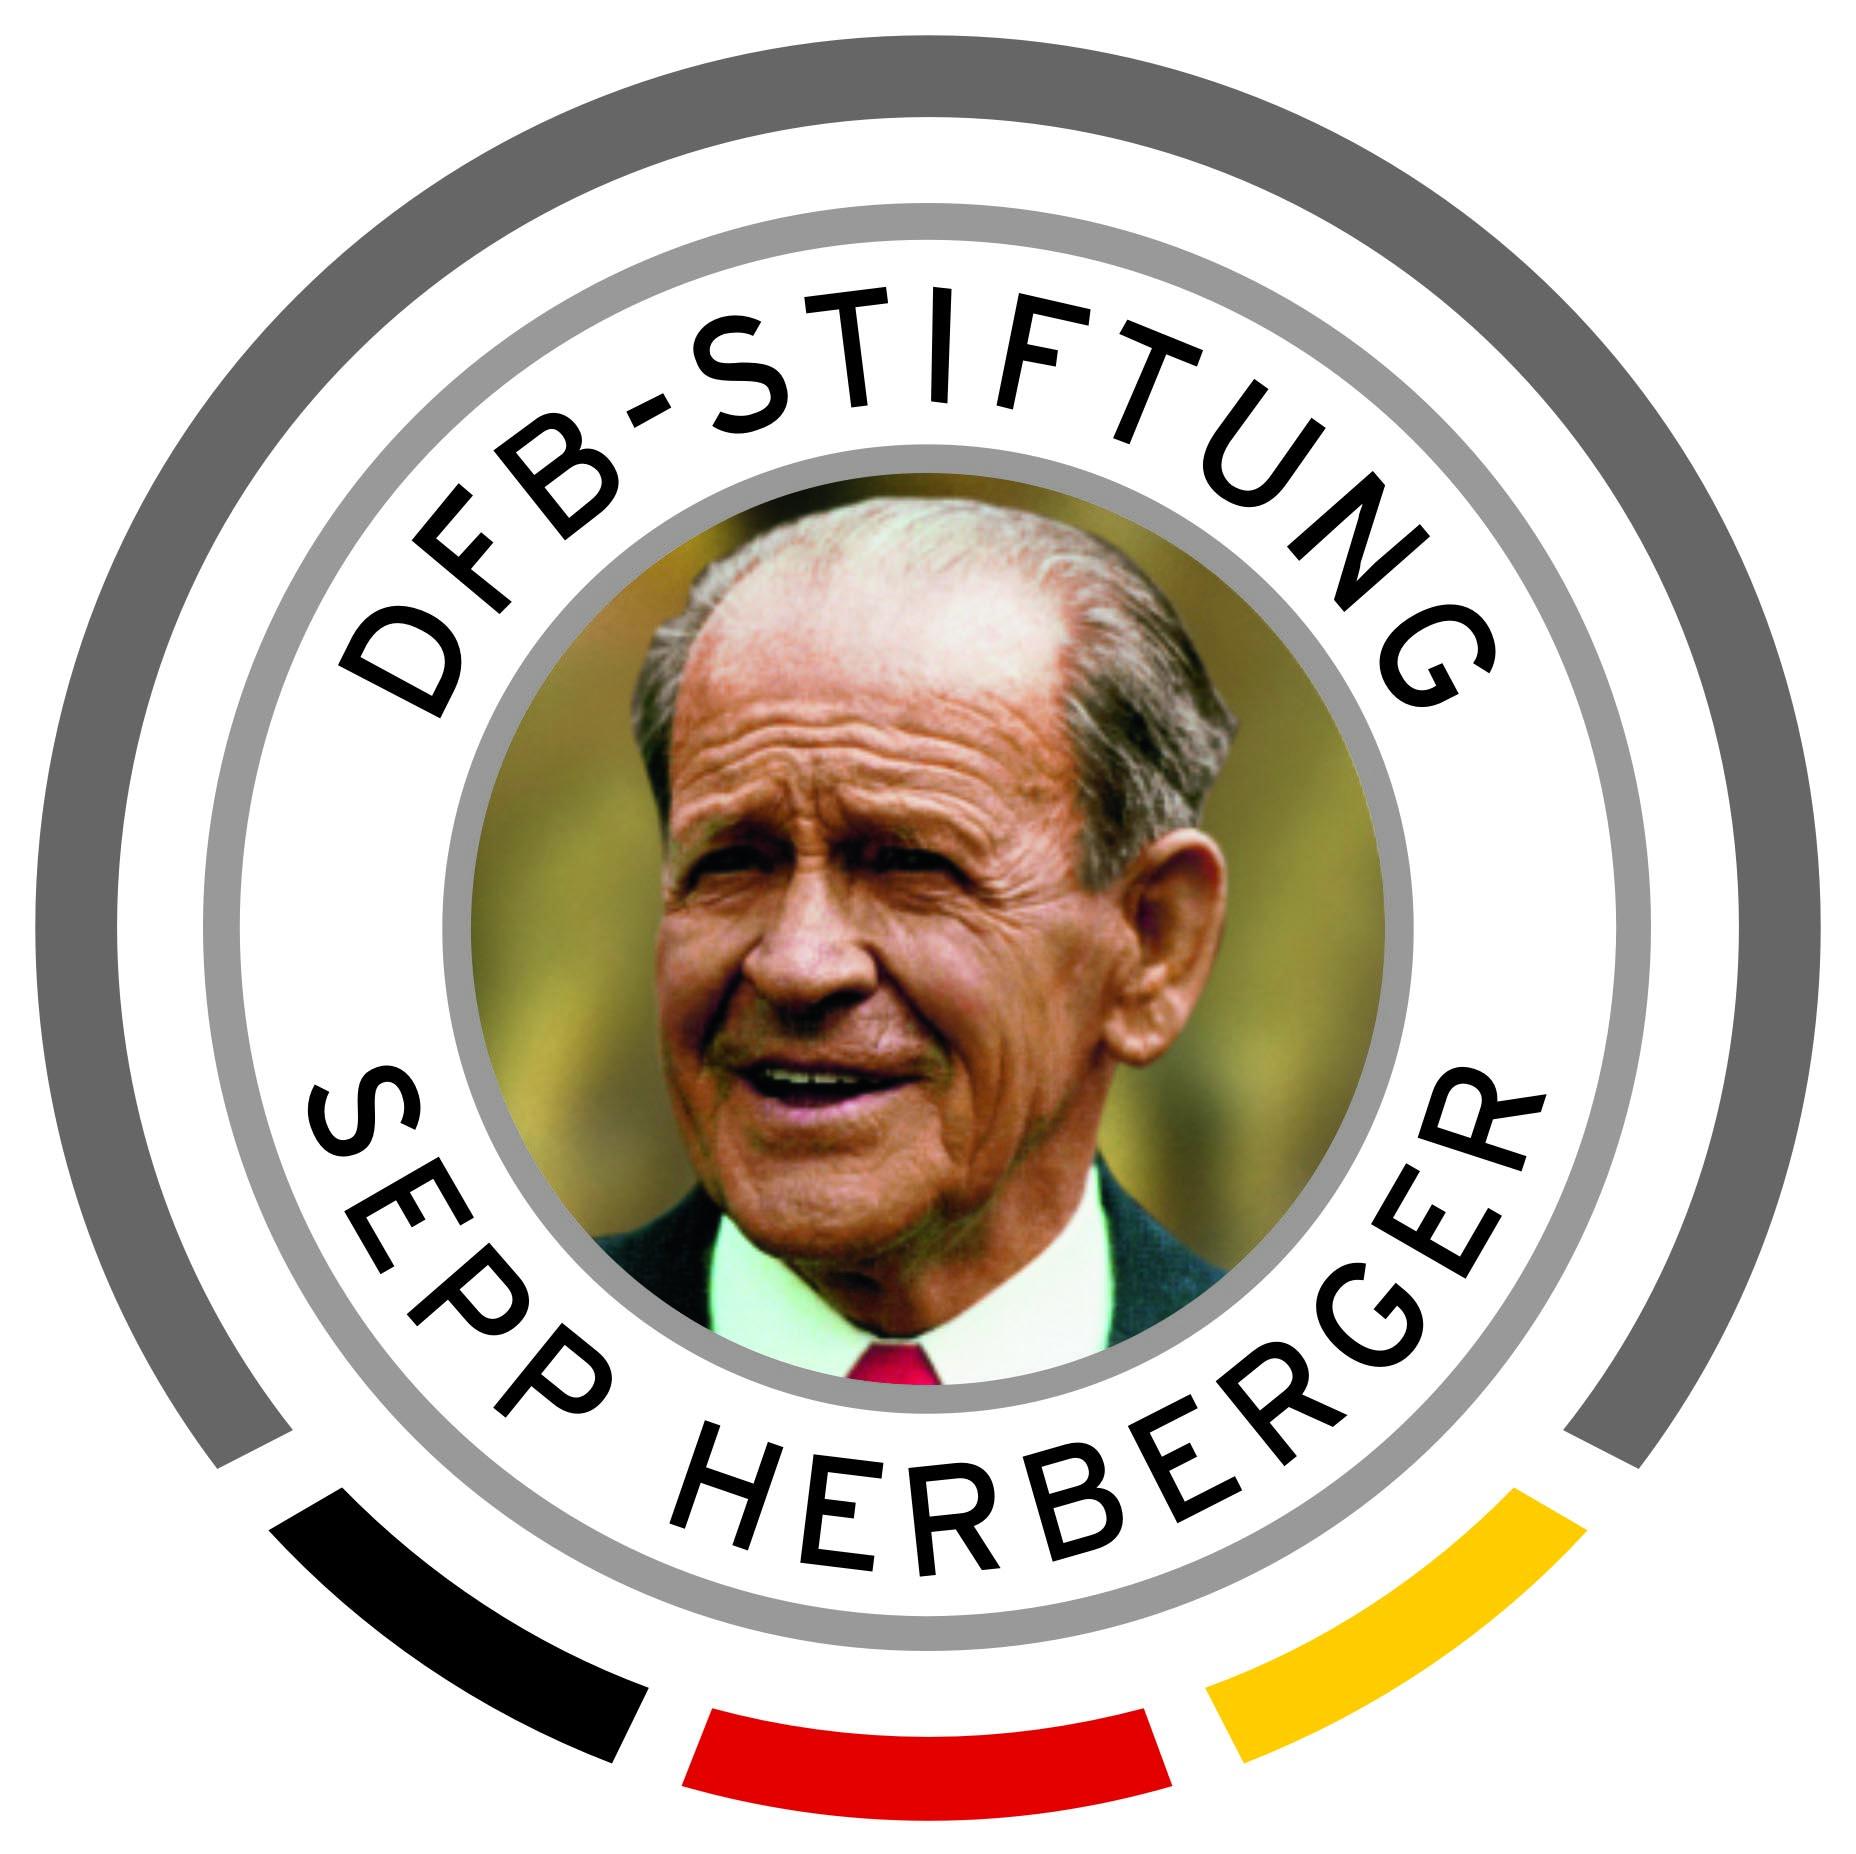 sepp_herberger_4c-jpg.